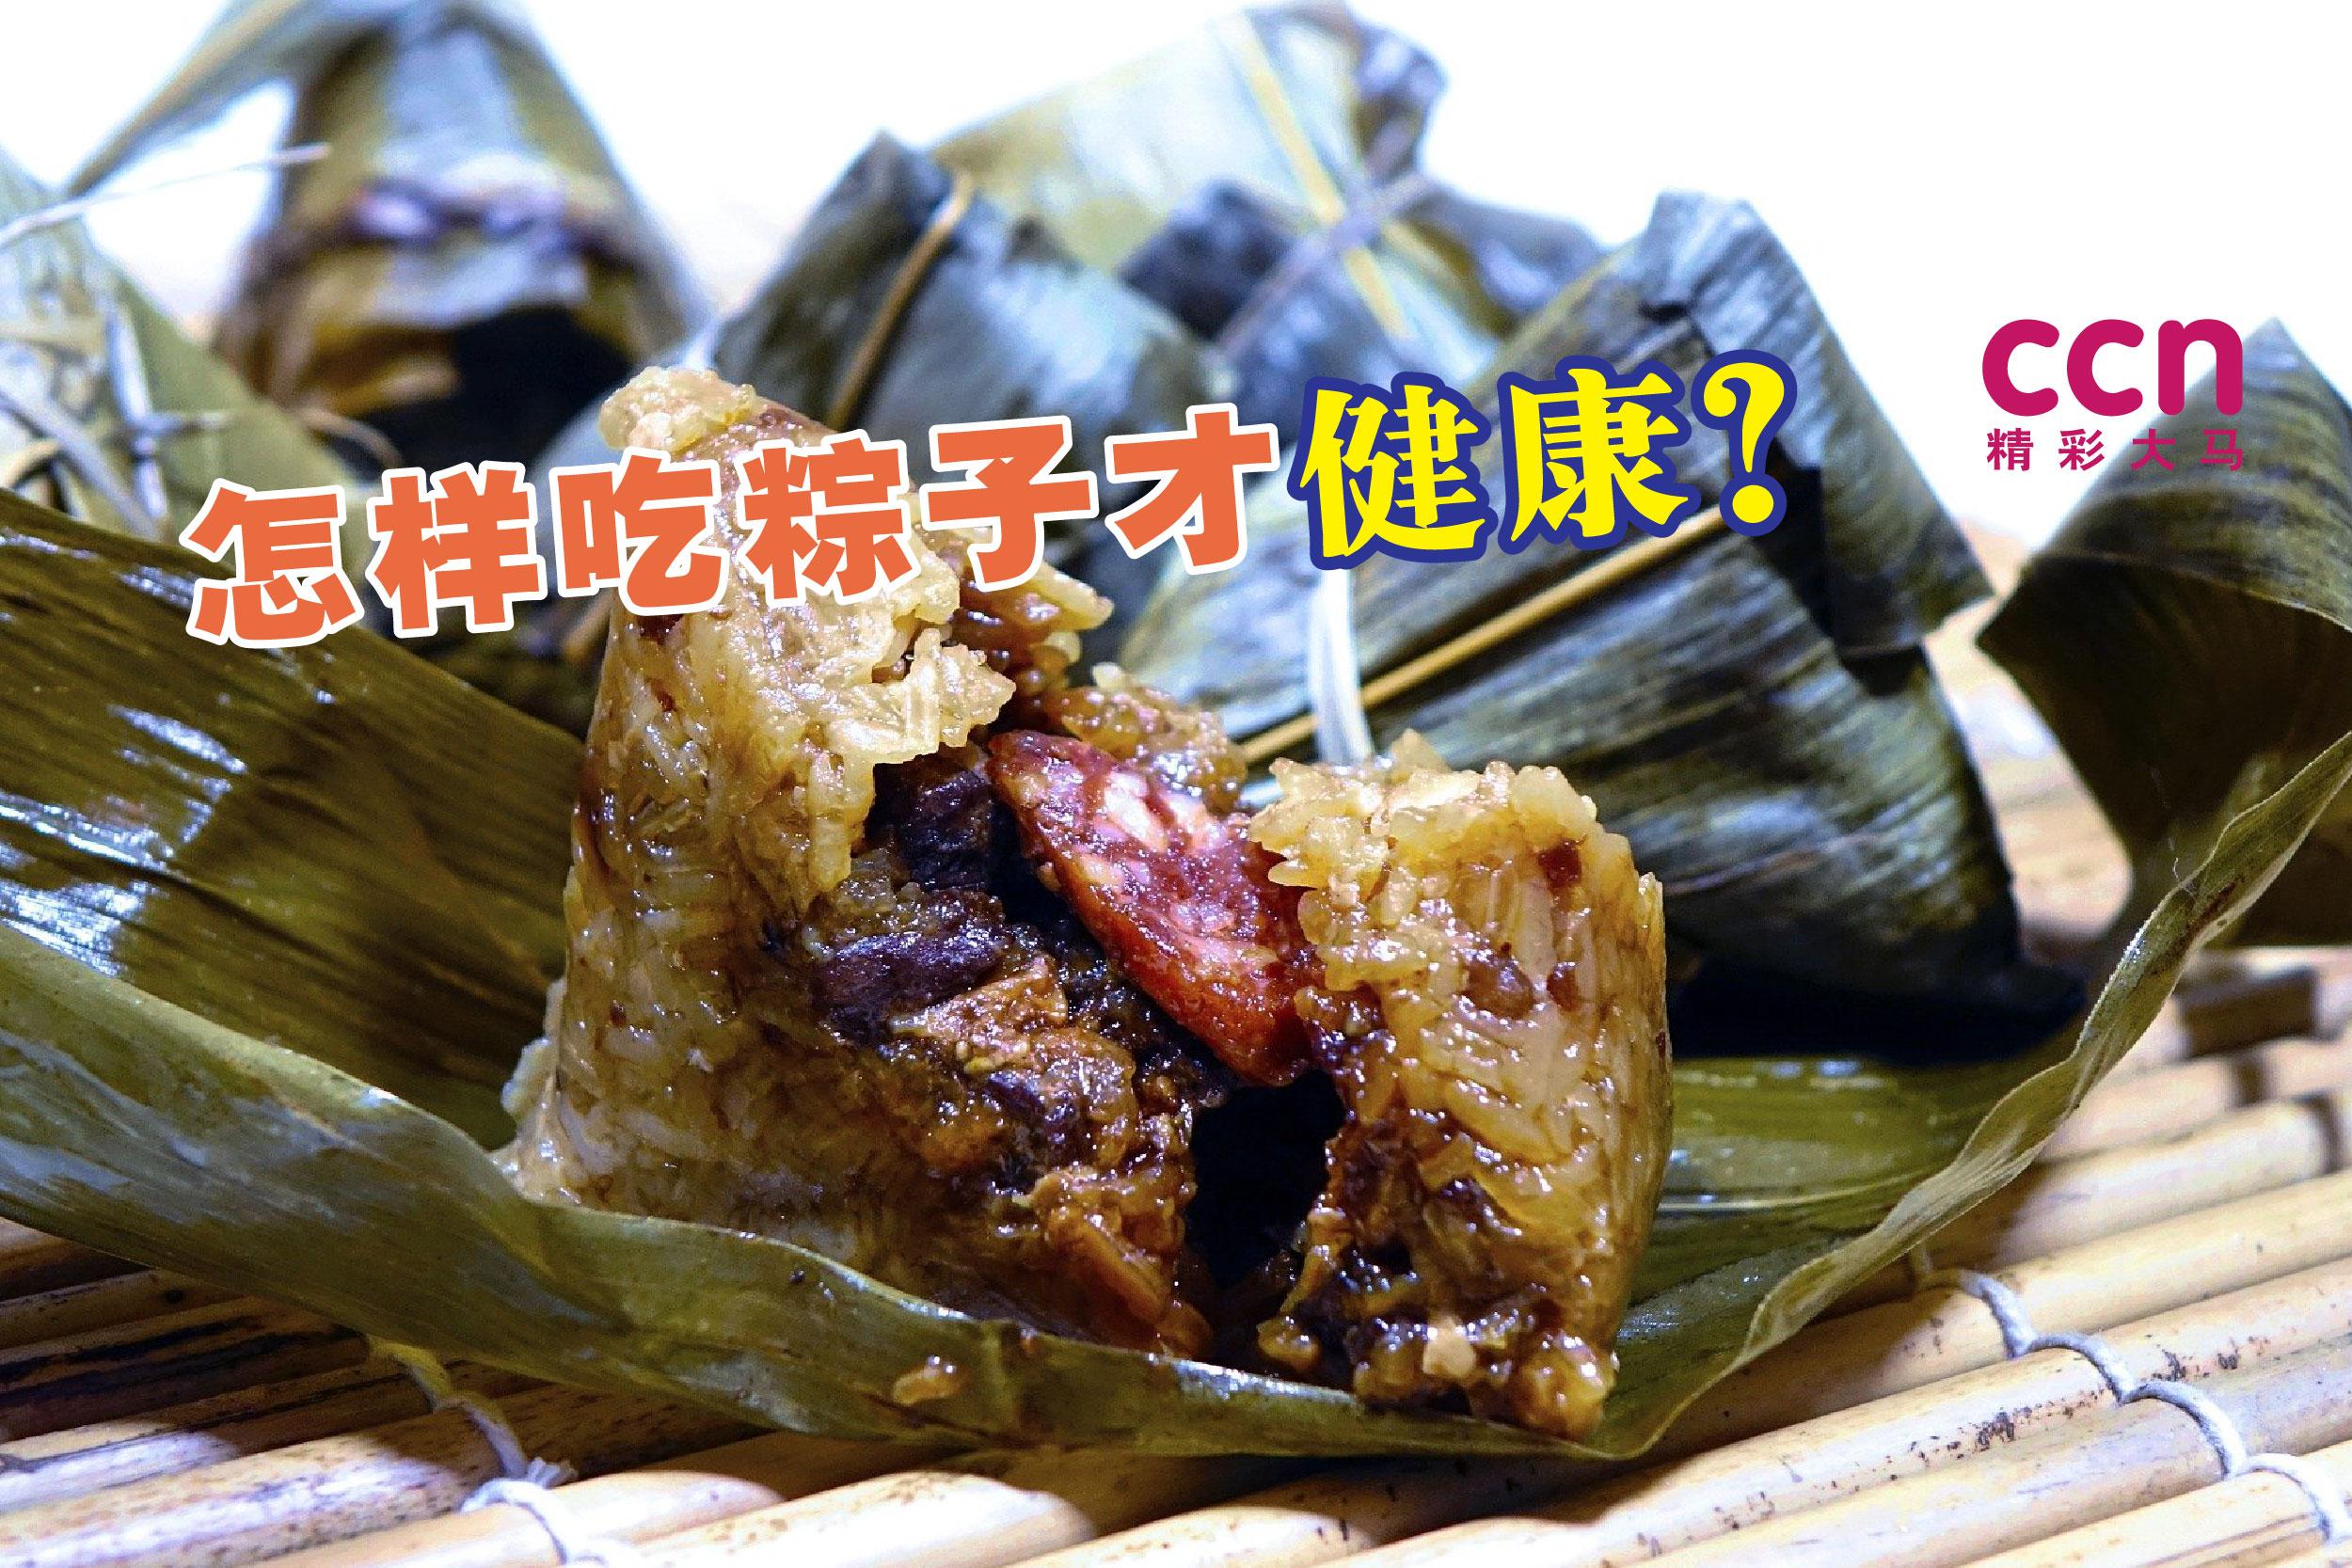 无论是食用传统粽子,还是健康粽其实都必须慎选和了解这些粽子采用的食材,以免自己的健康受到影响。-图取自Pixabay/精彩大马制图-